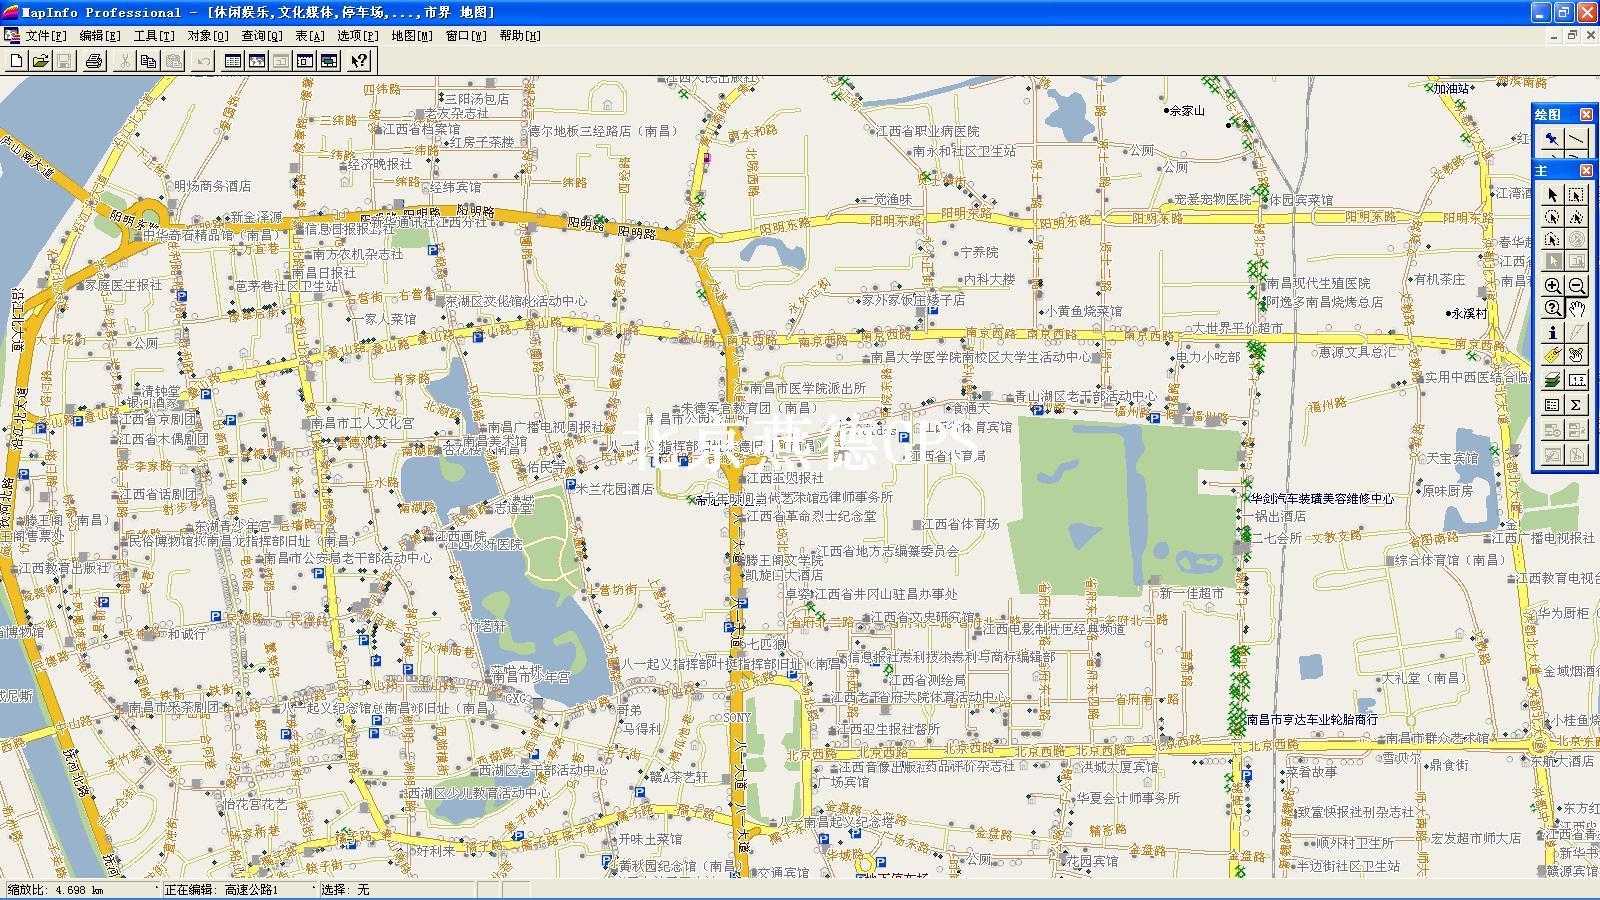 南昌市区地图全图 江西南昌地图全图 杭州市区地图全图-杭州市区地图